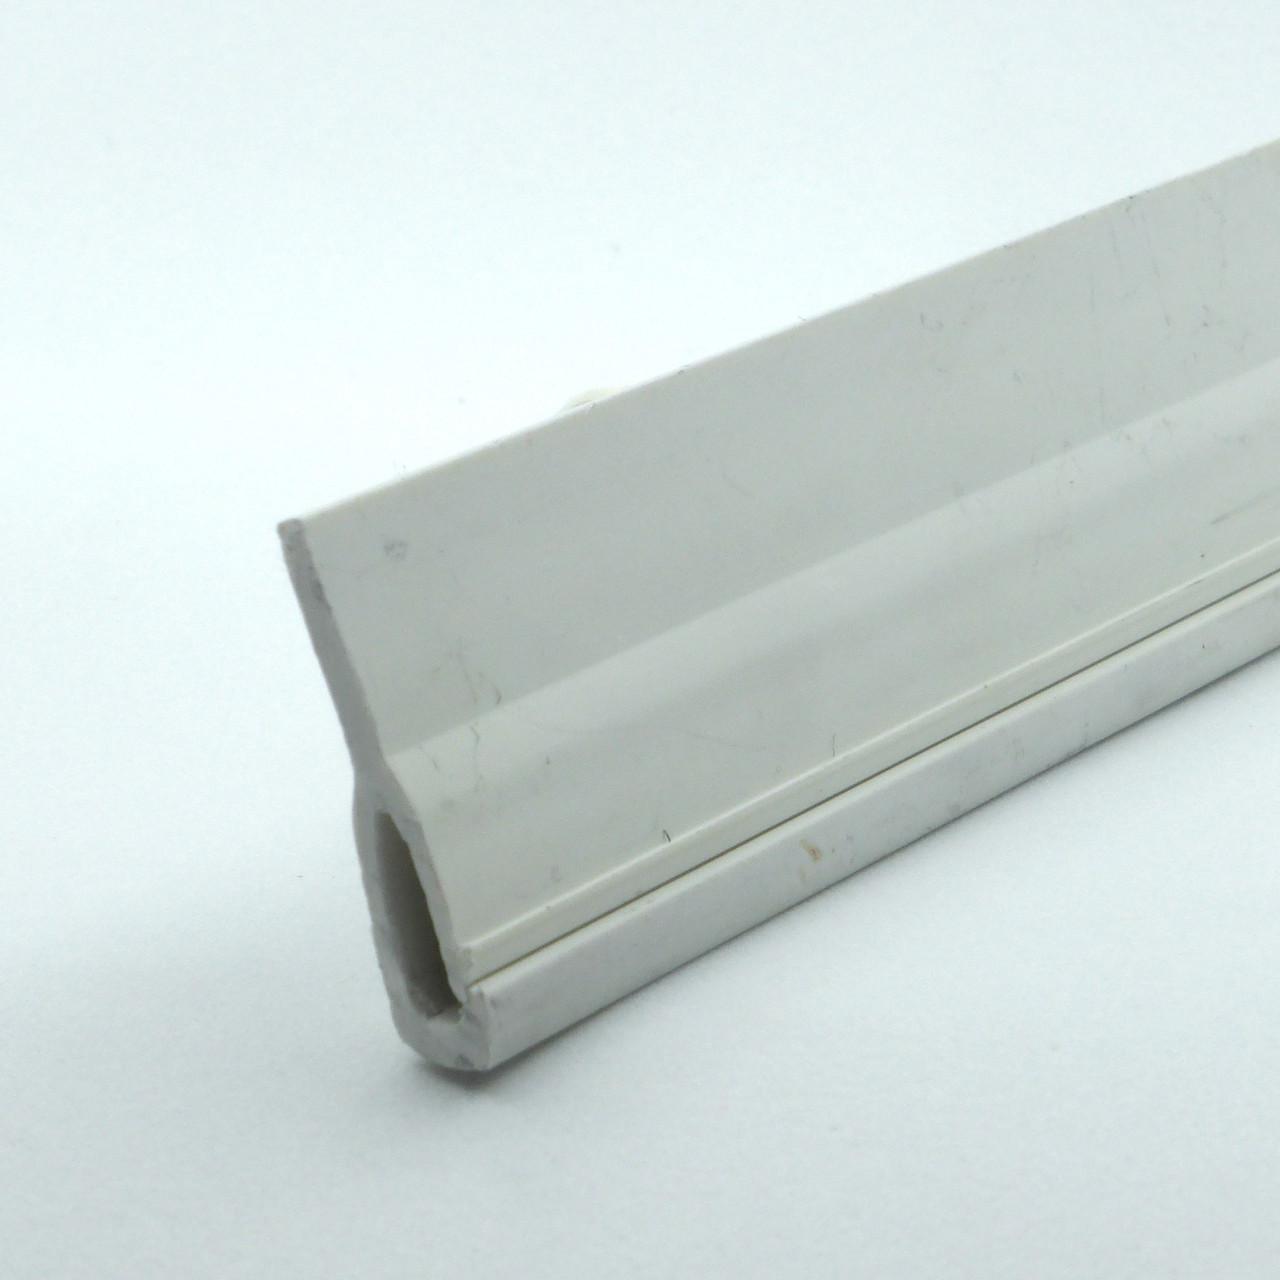 Профіль пластиковий для натяжних стель - безгарпунна система (стельовий). Довжина профілю 2 м.